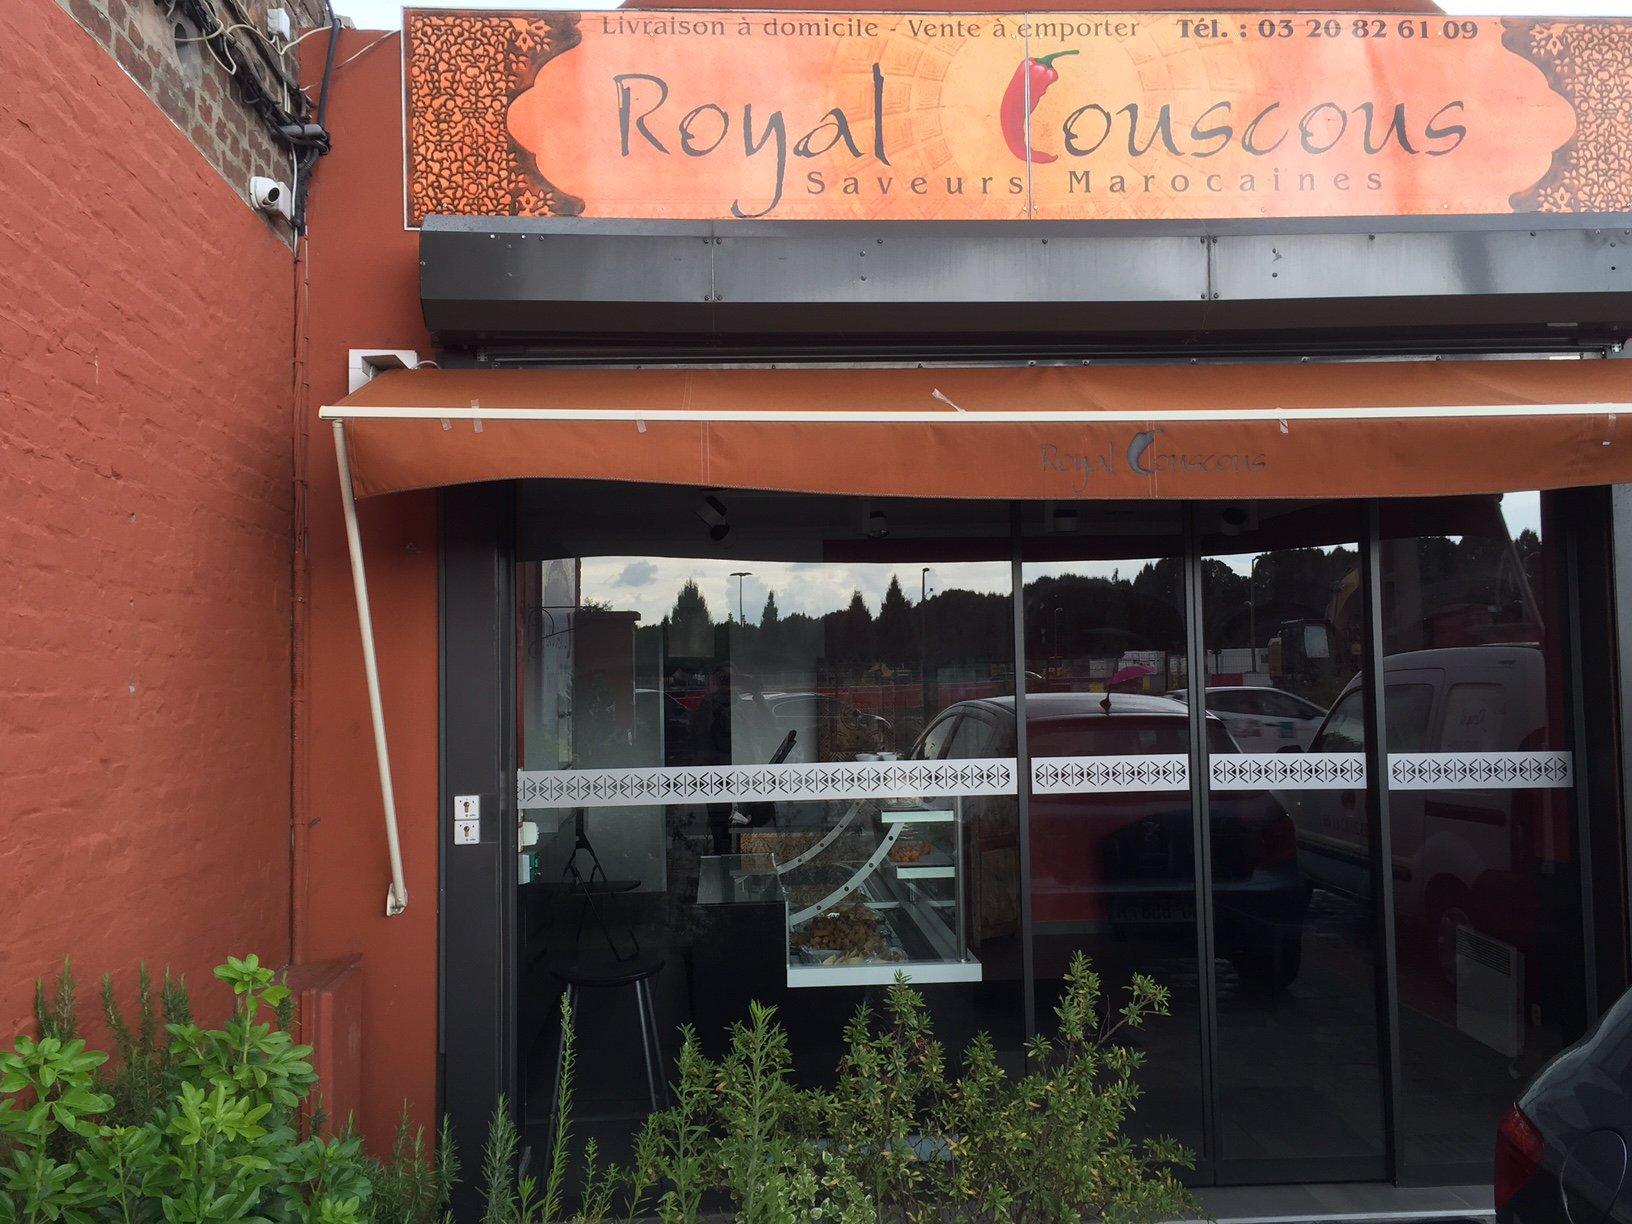 Royal Couscous-Marcq-en-Barœul